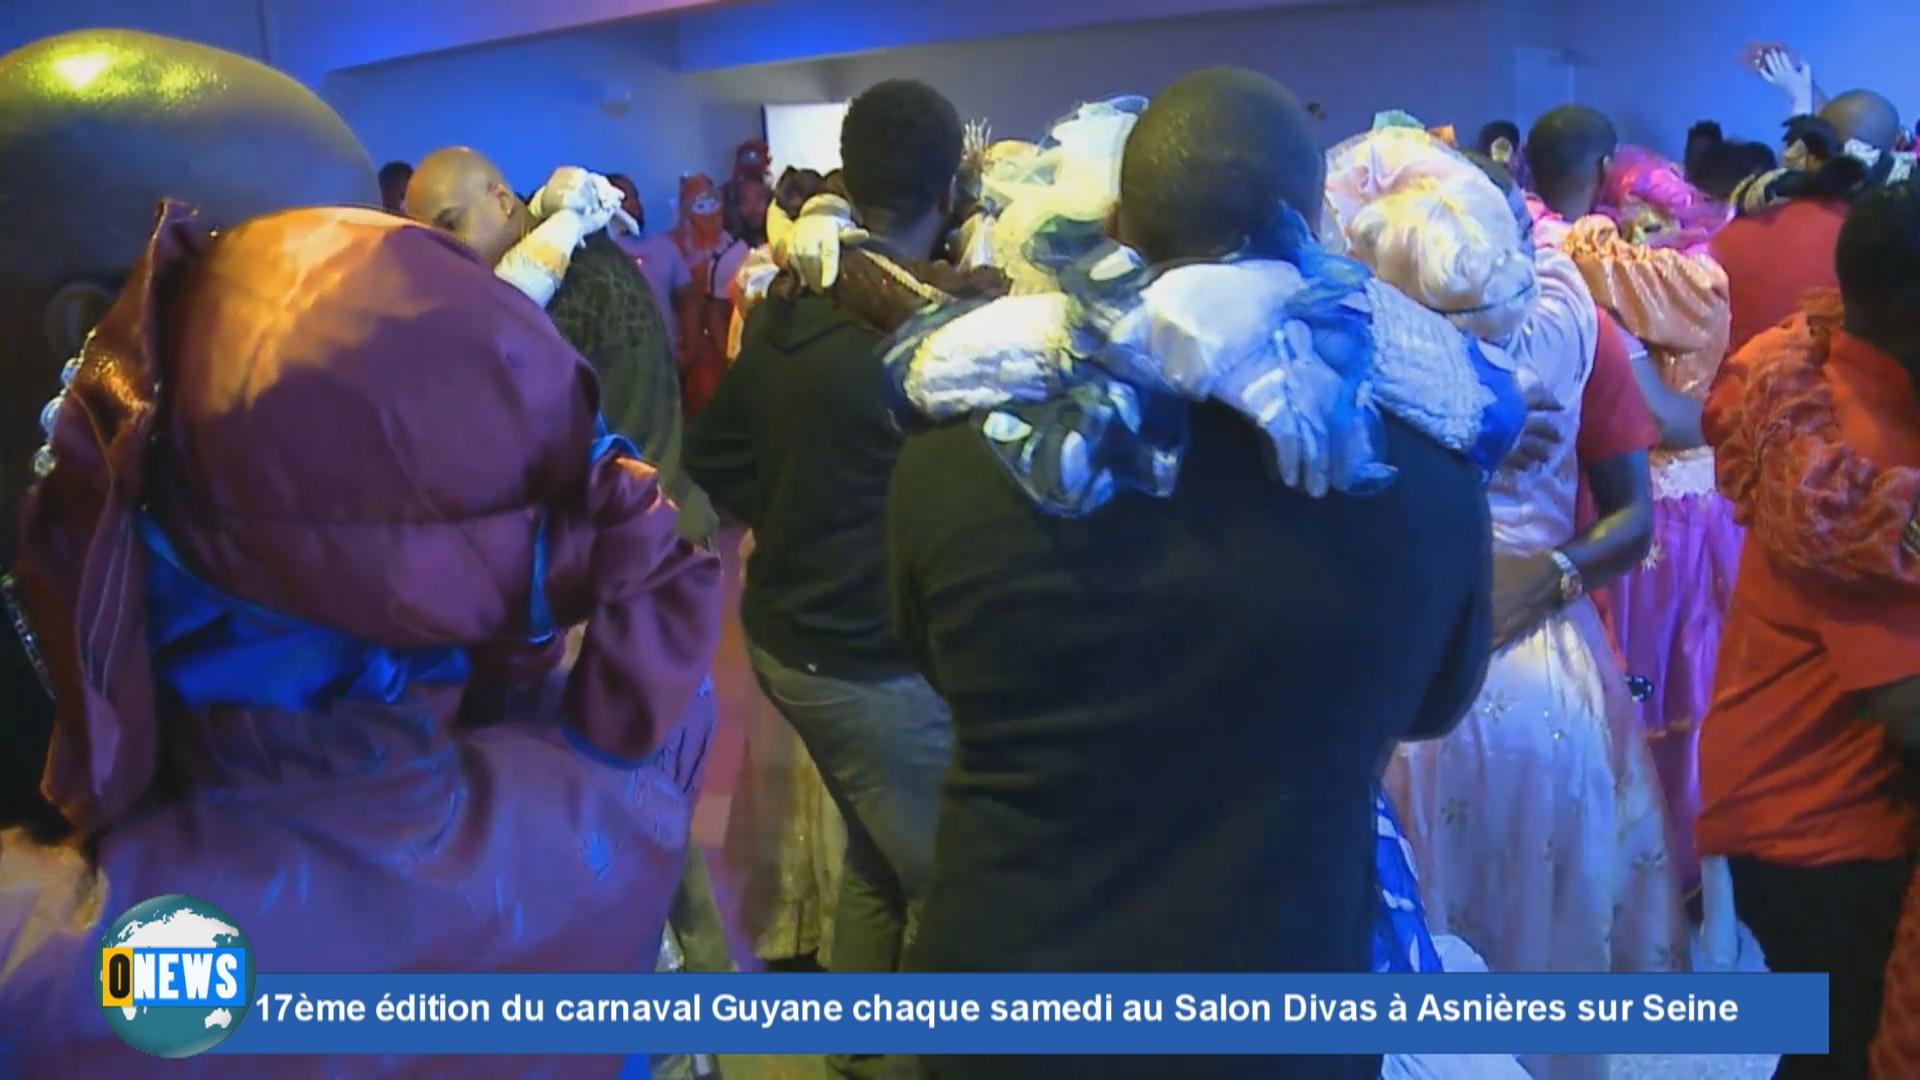 [Vidéo] Onews. 7ème édition du carnaval Guyane chaque samedi au Salon Divas à Asnières sur Seine